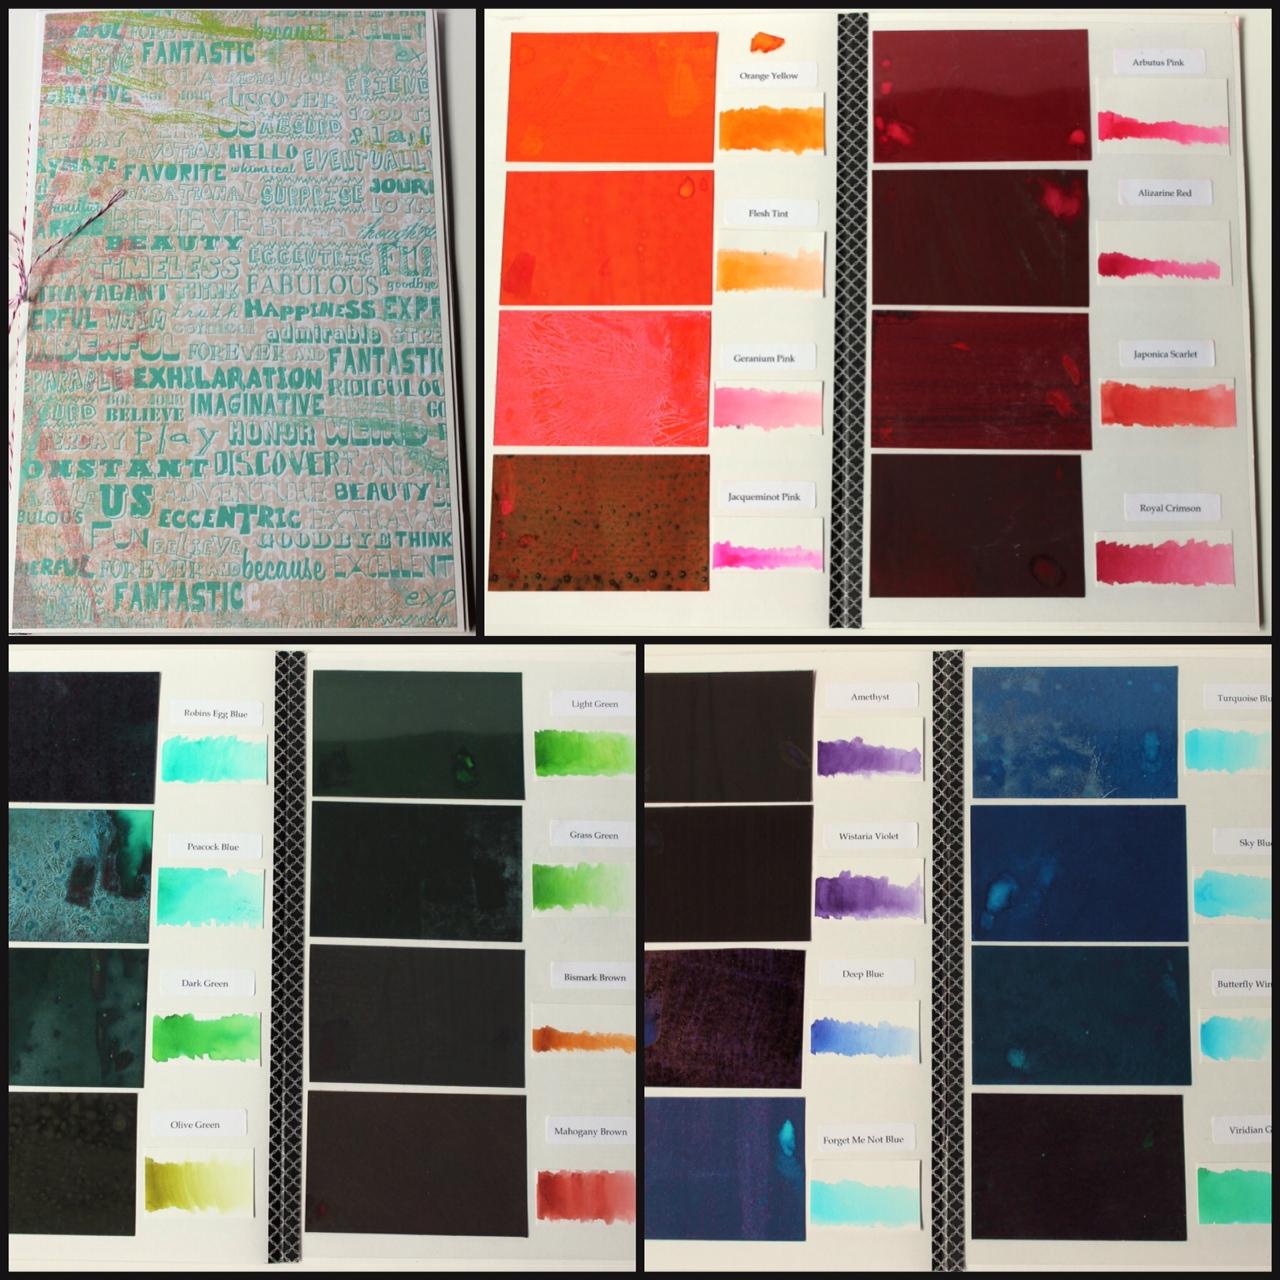 Nicholsons Peerless Watercolors Color Swatch Derwent Inktense